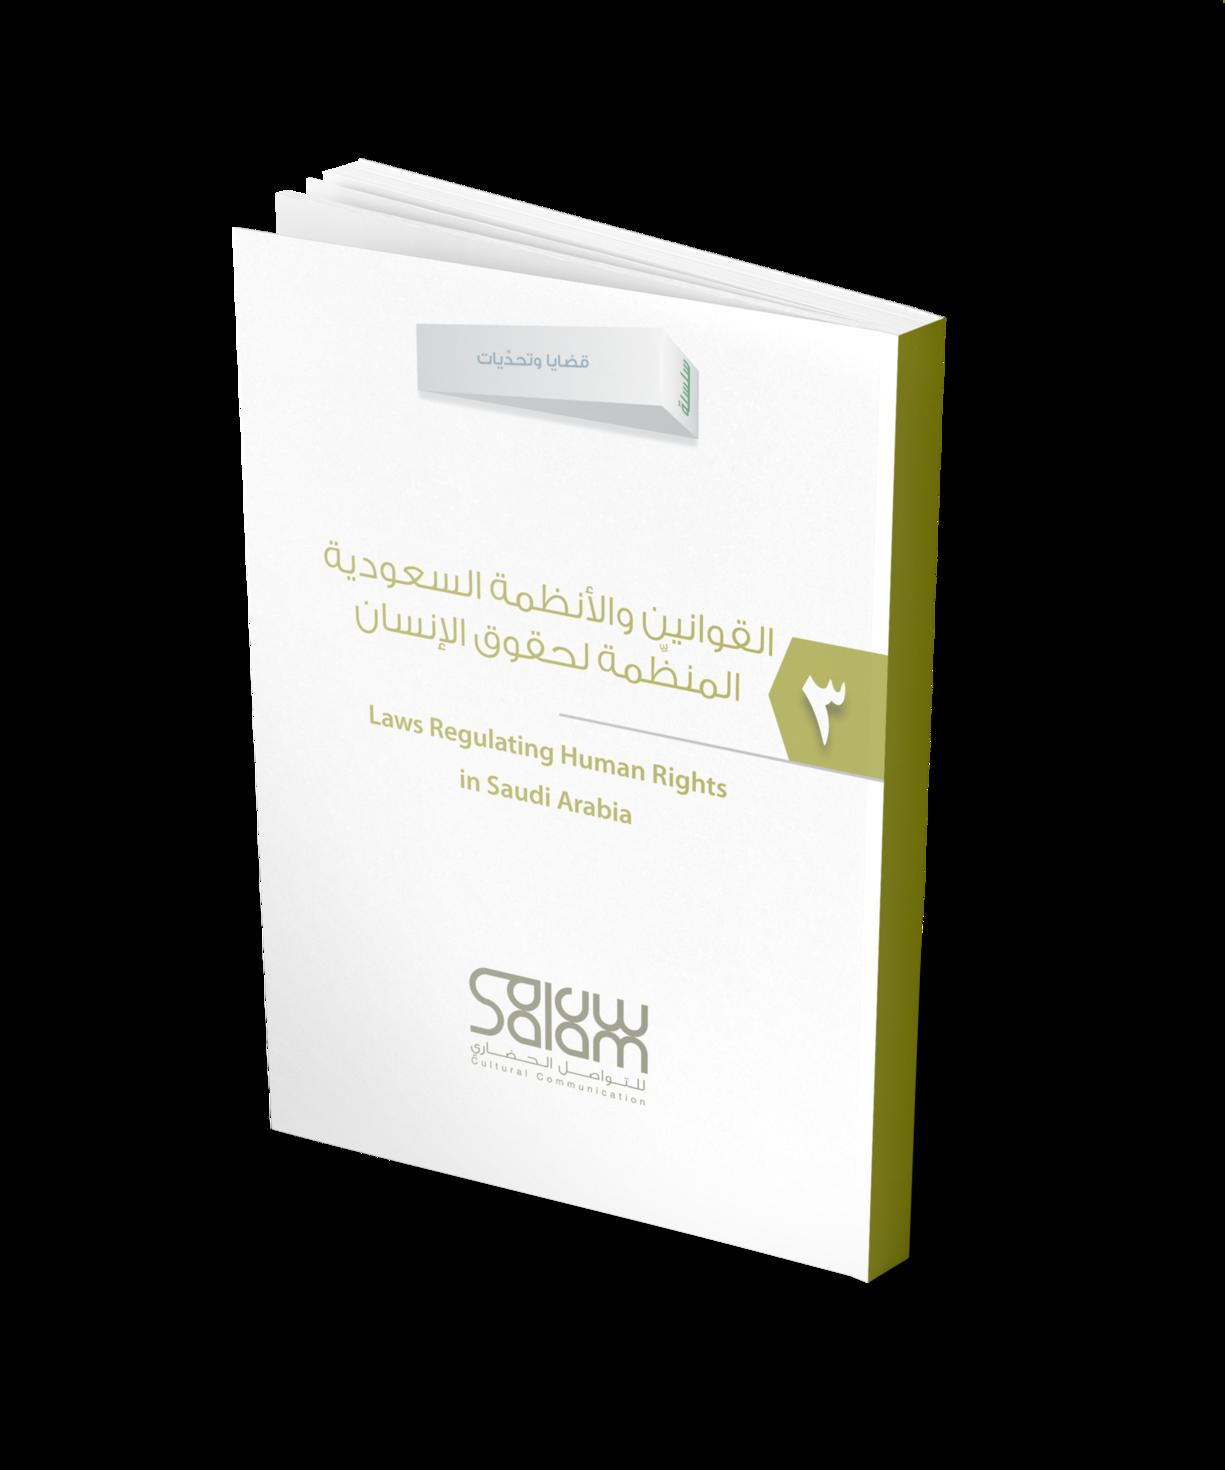 Laws Regulating Human Rights in Saudi Arabia